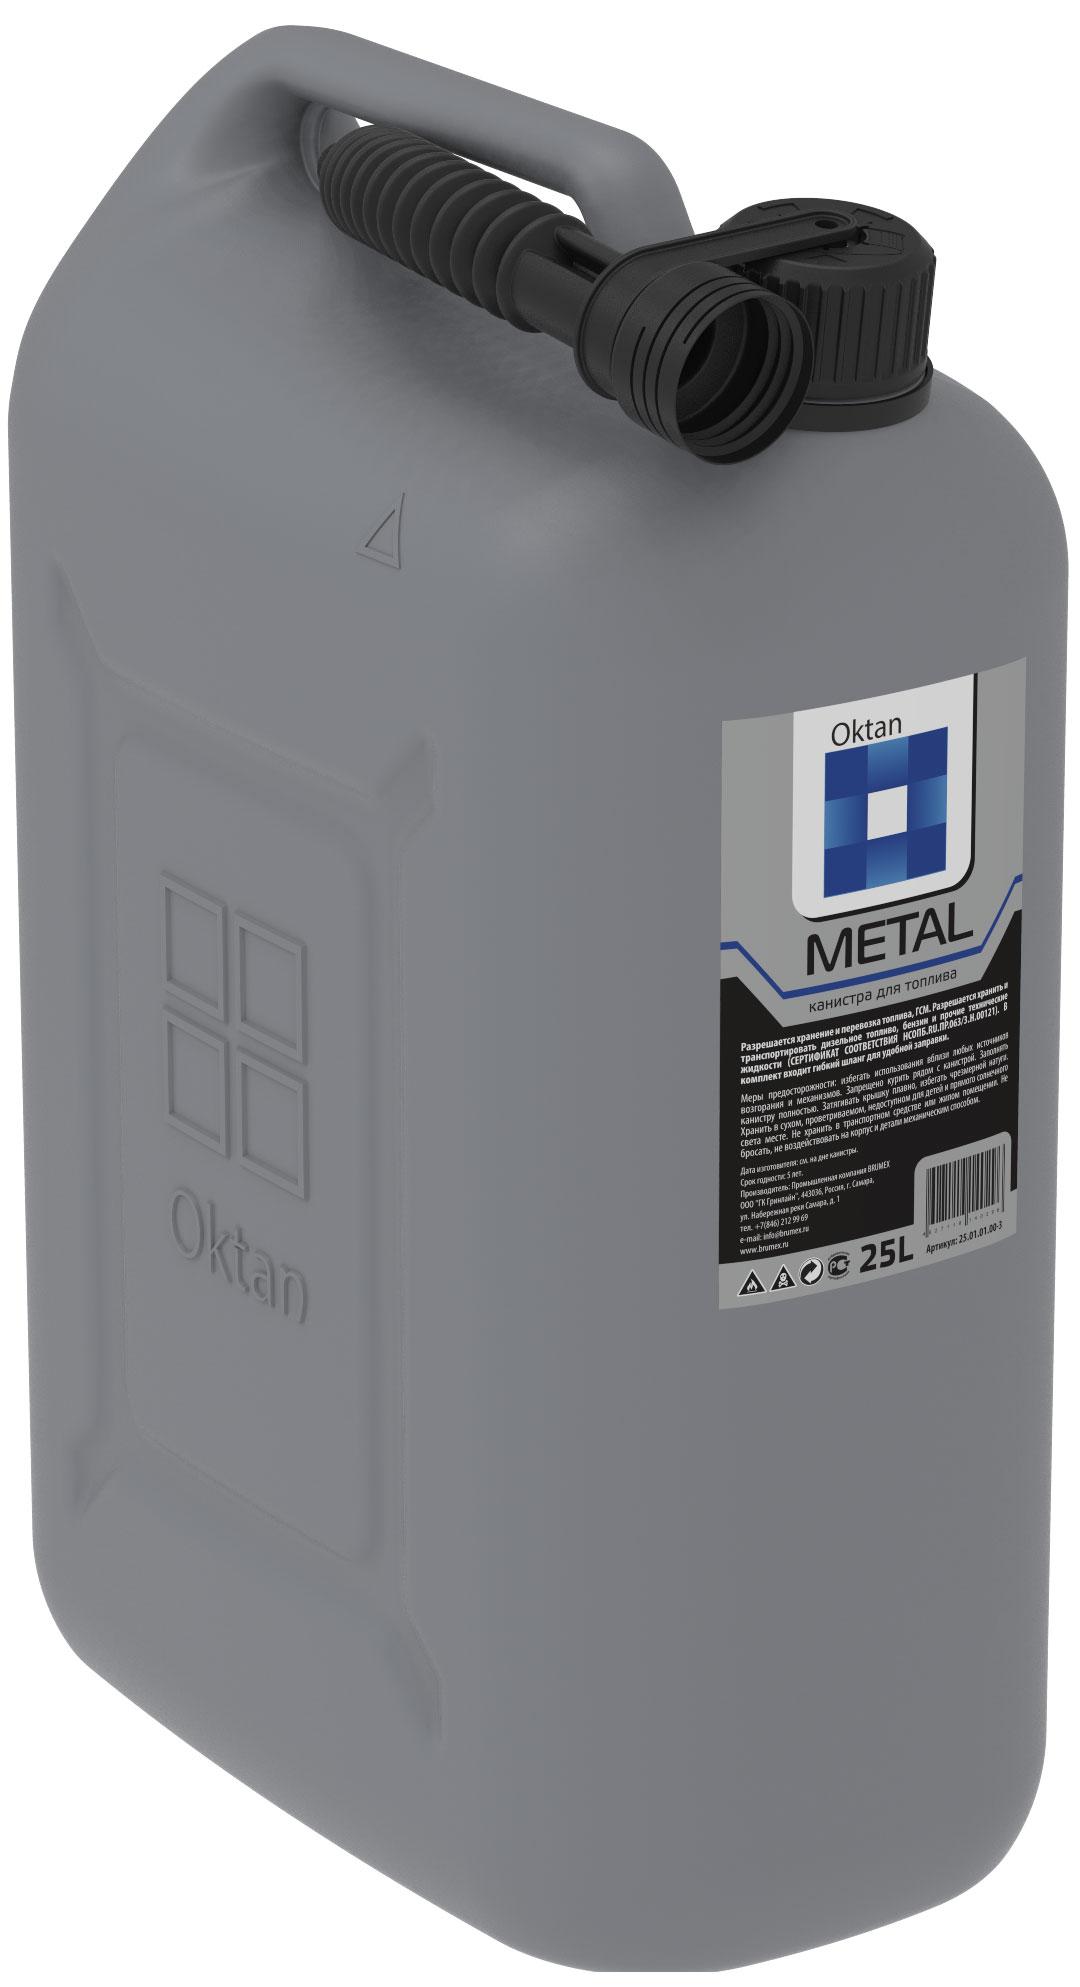 Канистра пластиковая OKTAN Metal, для ГСМ, 25 л канистра пластиковая phantom для гсм 5 л